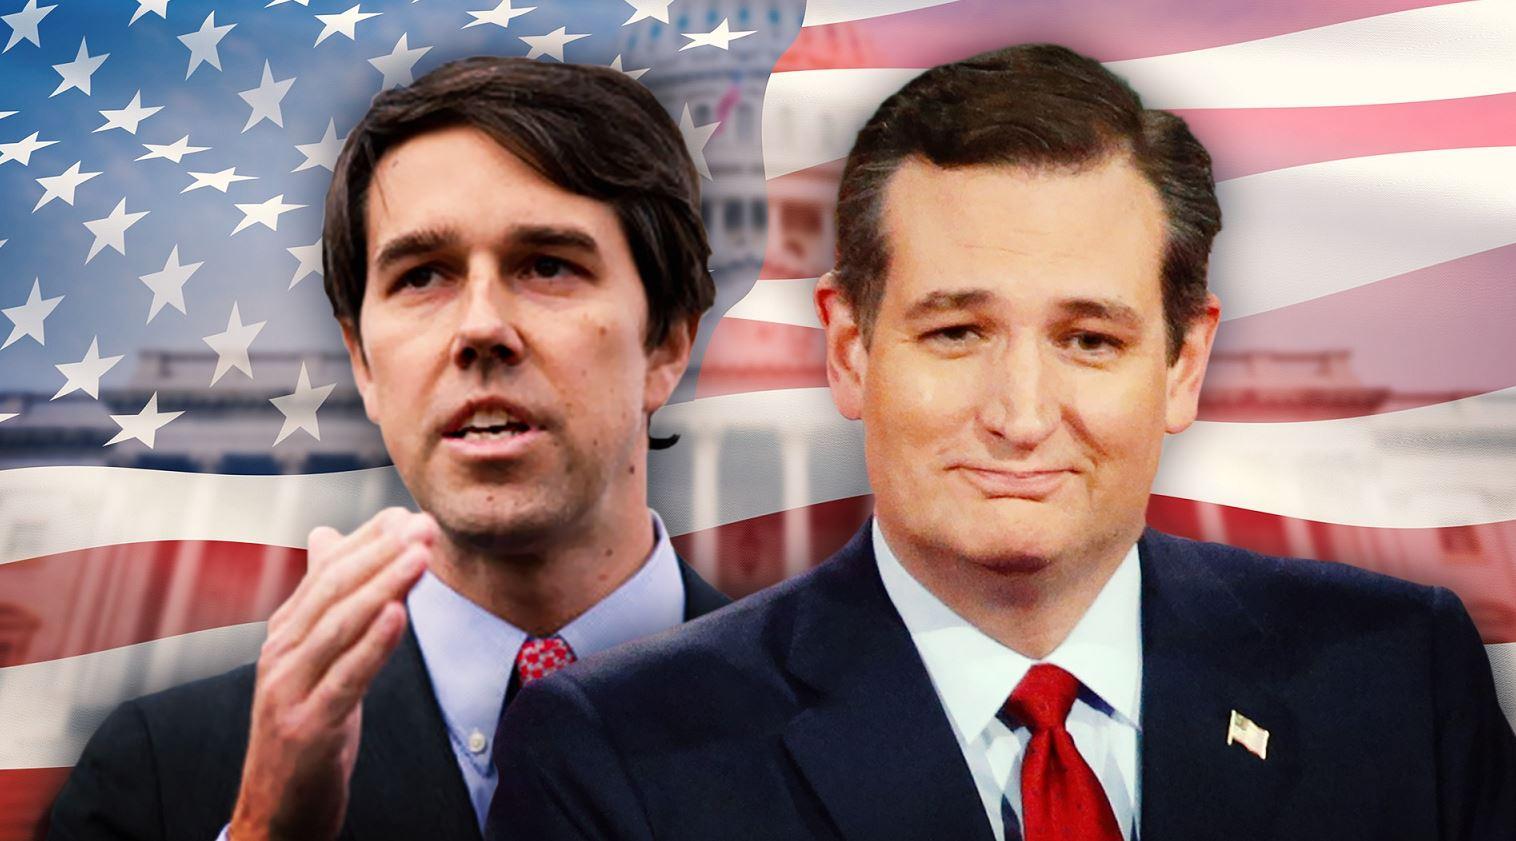 Cruz vs. O'Rourke_1523047643570.JPG.jpg